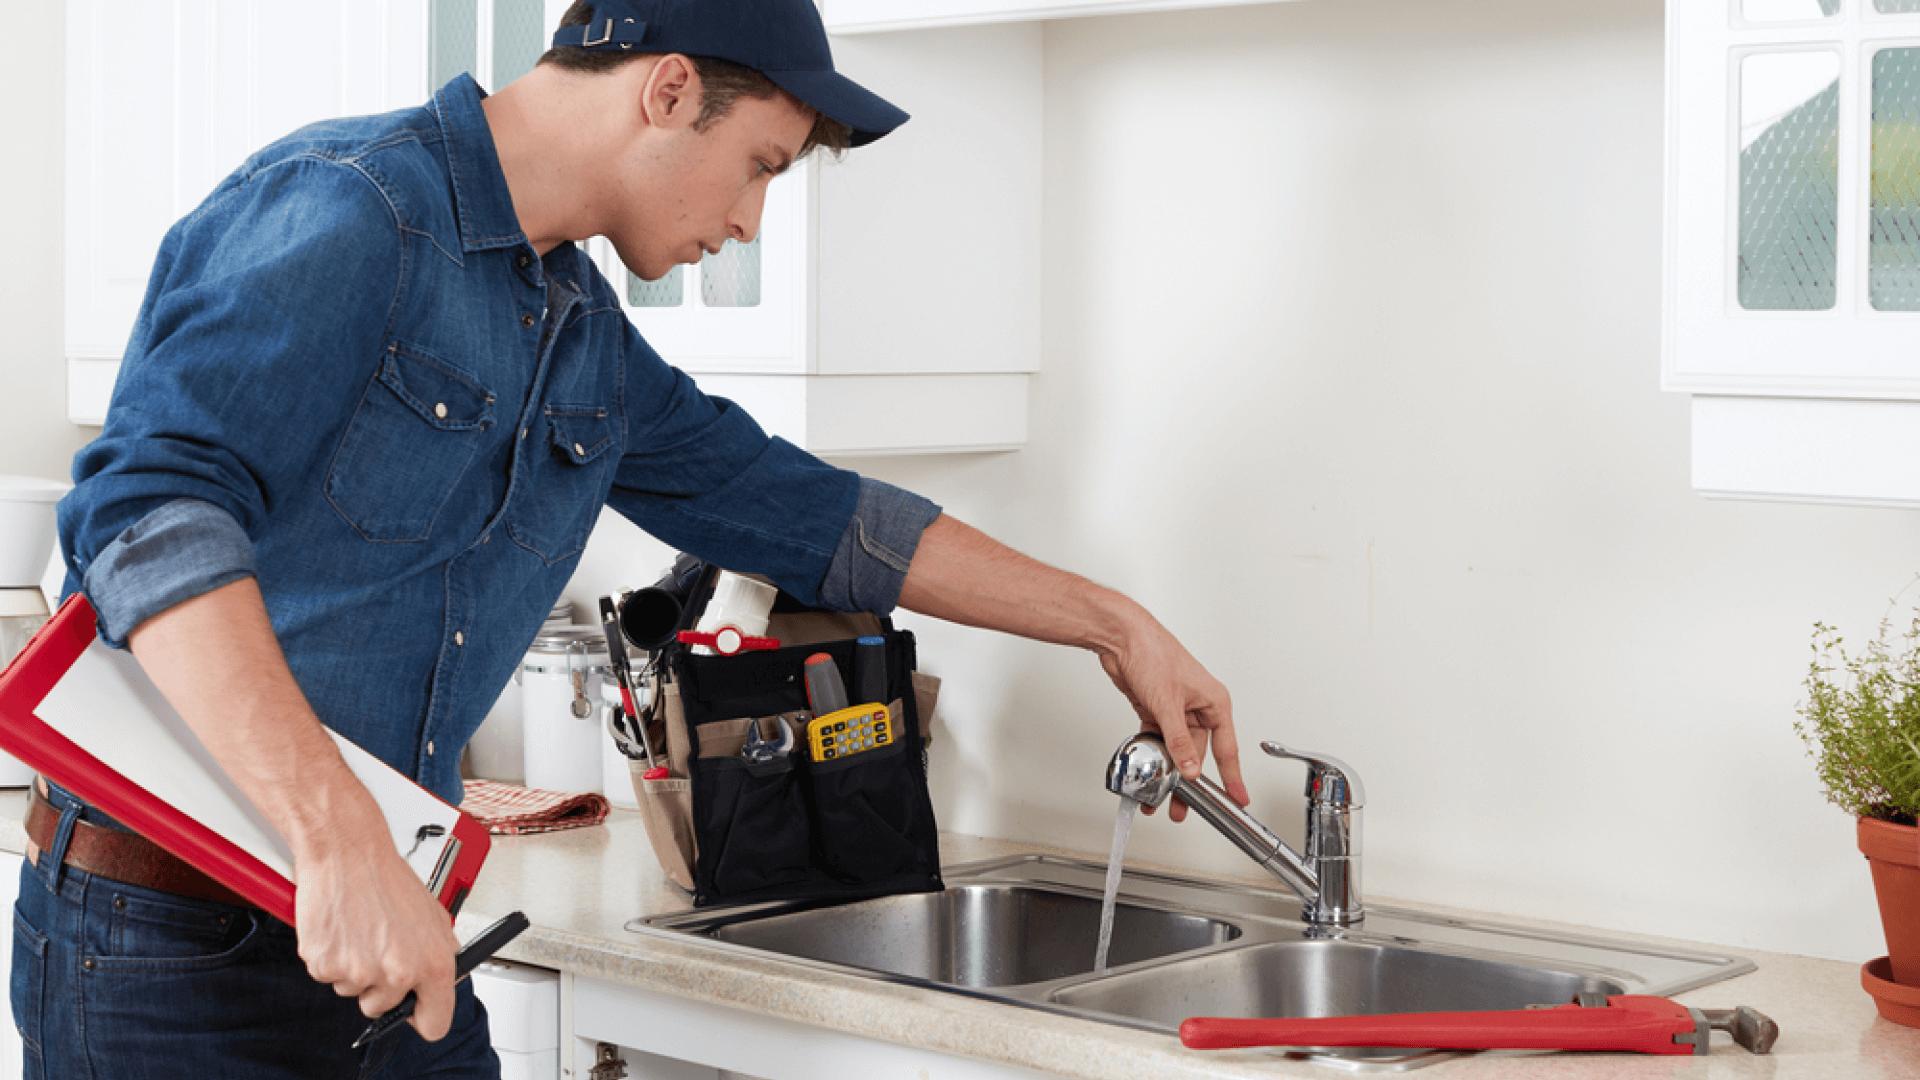 أفضل شركة نظافة منازل&وأرخص شركة نظافة بالرياض